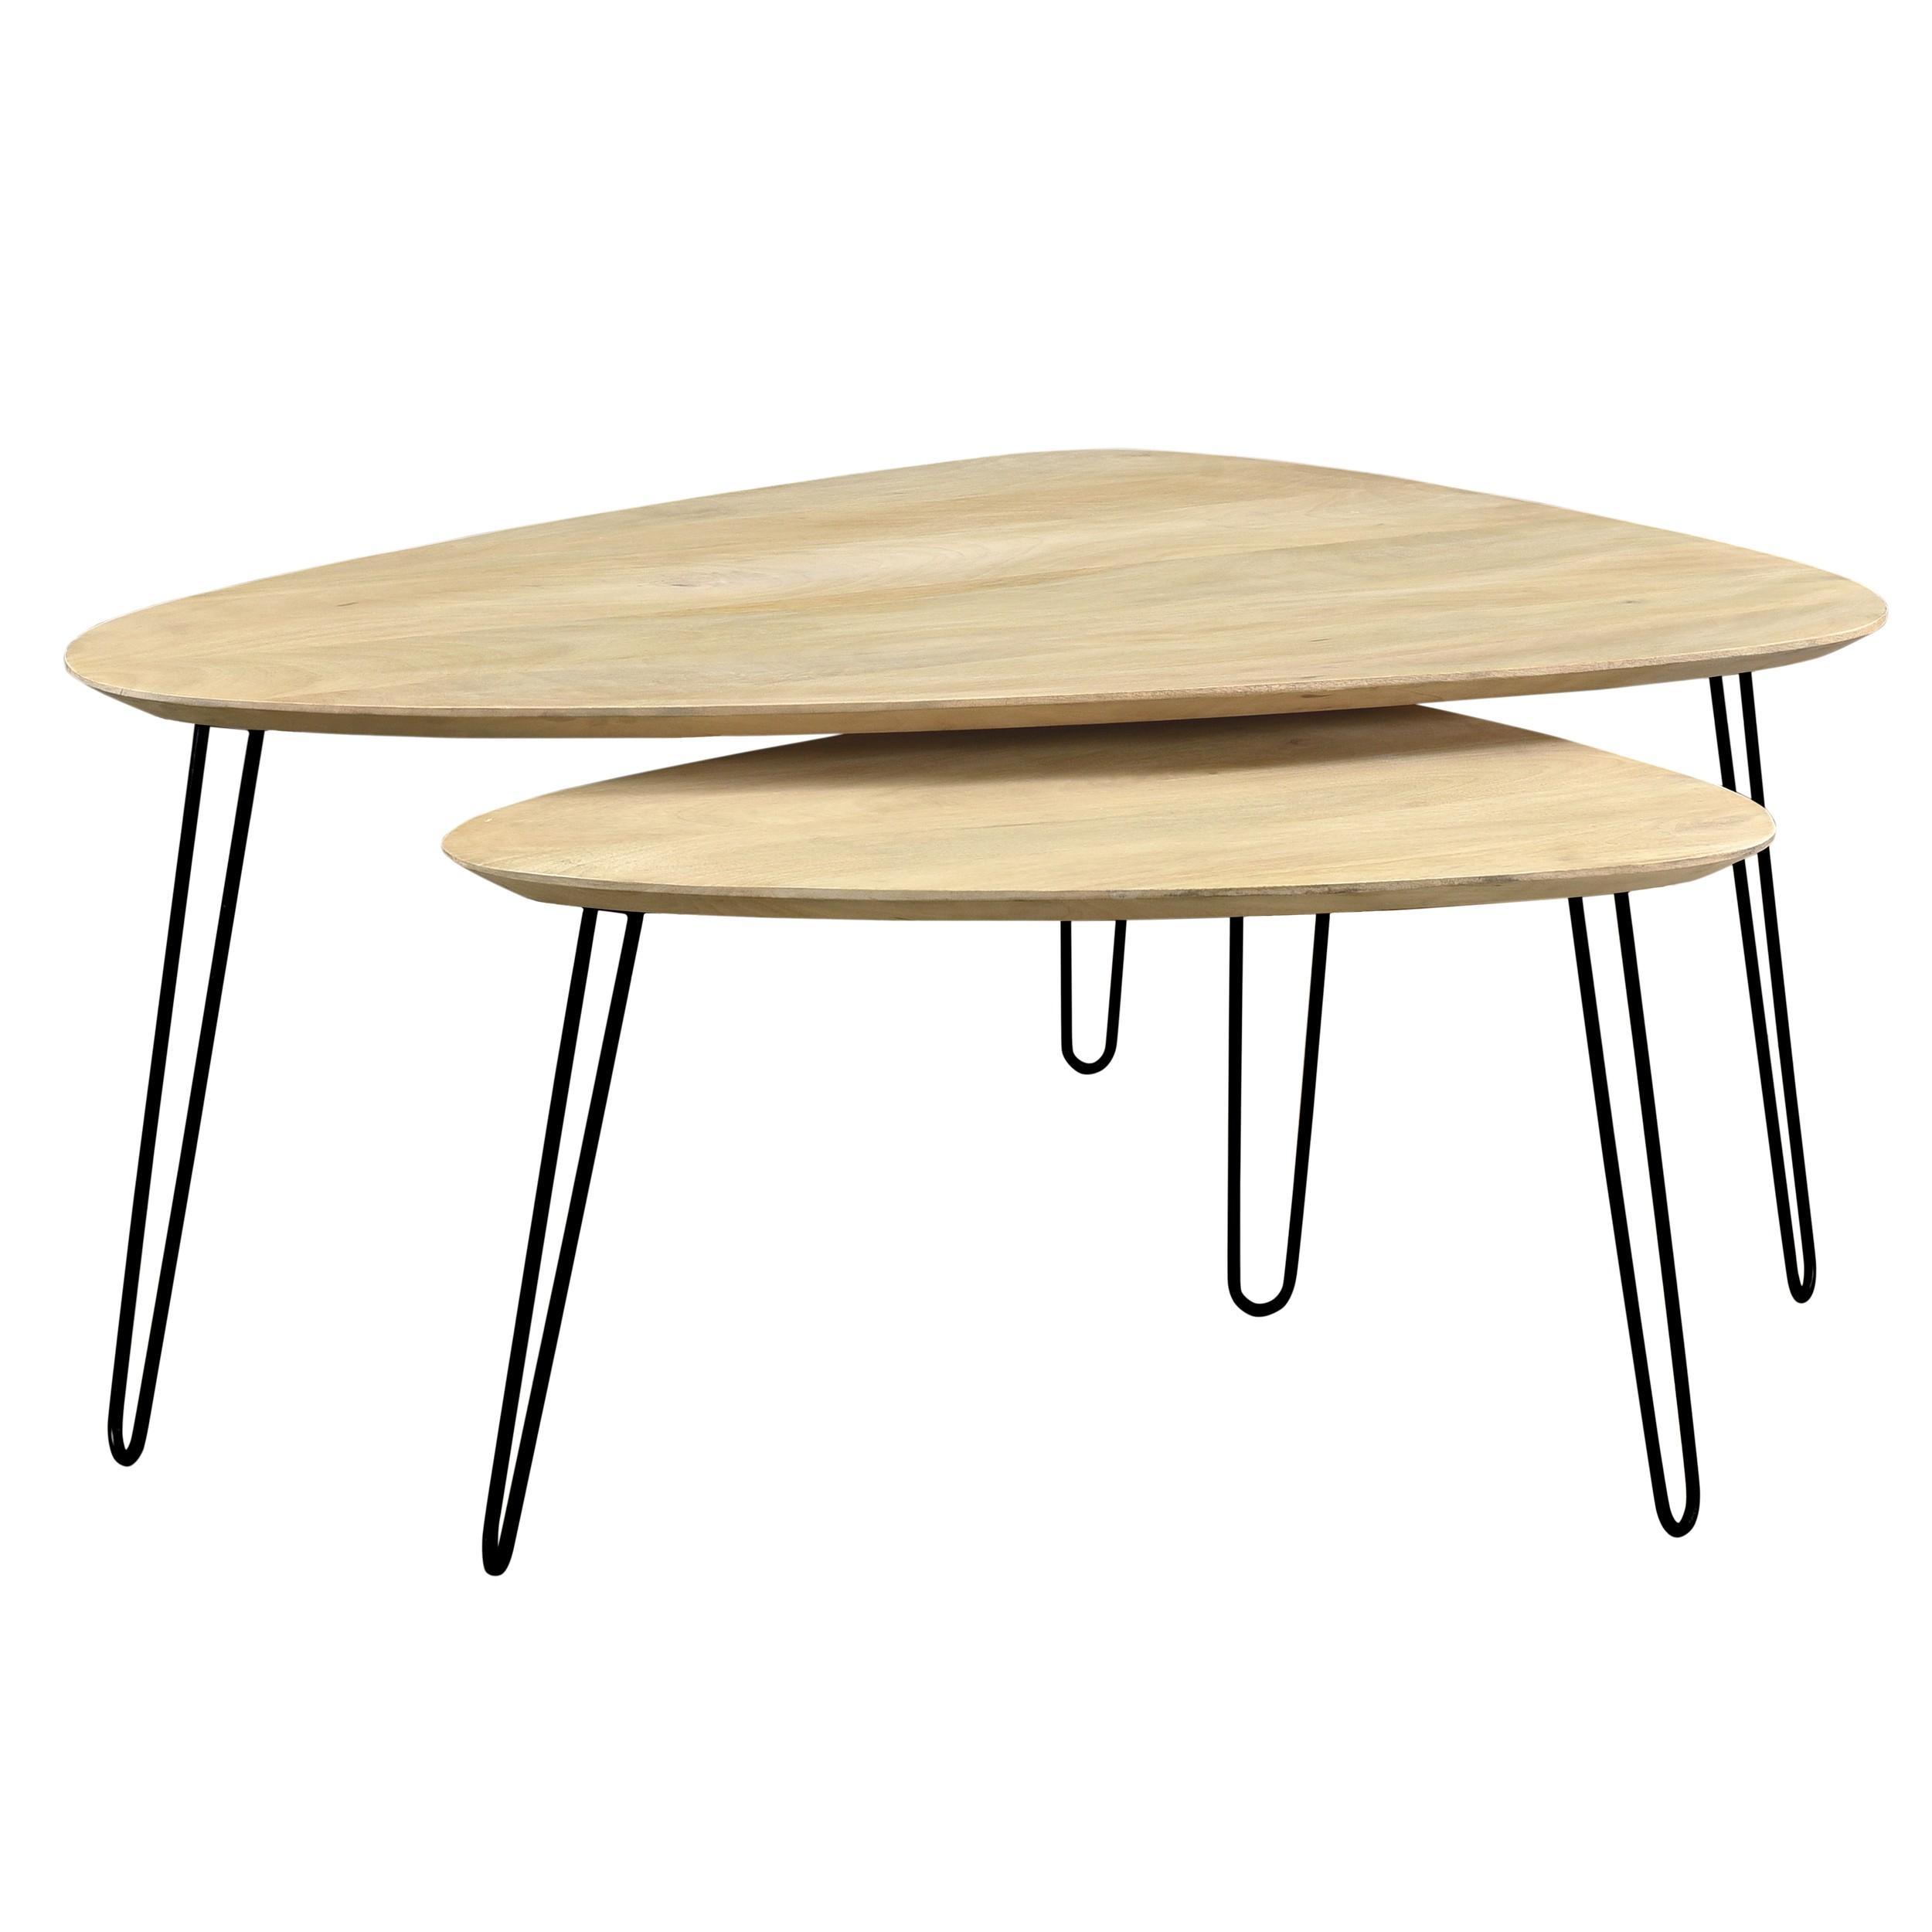 Table Basse Gigogne Bois.Tables Basses Gigognes Scandinaves Riga Lot De 2